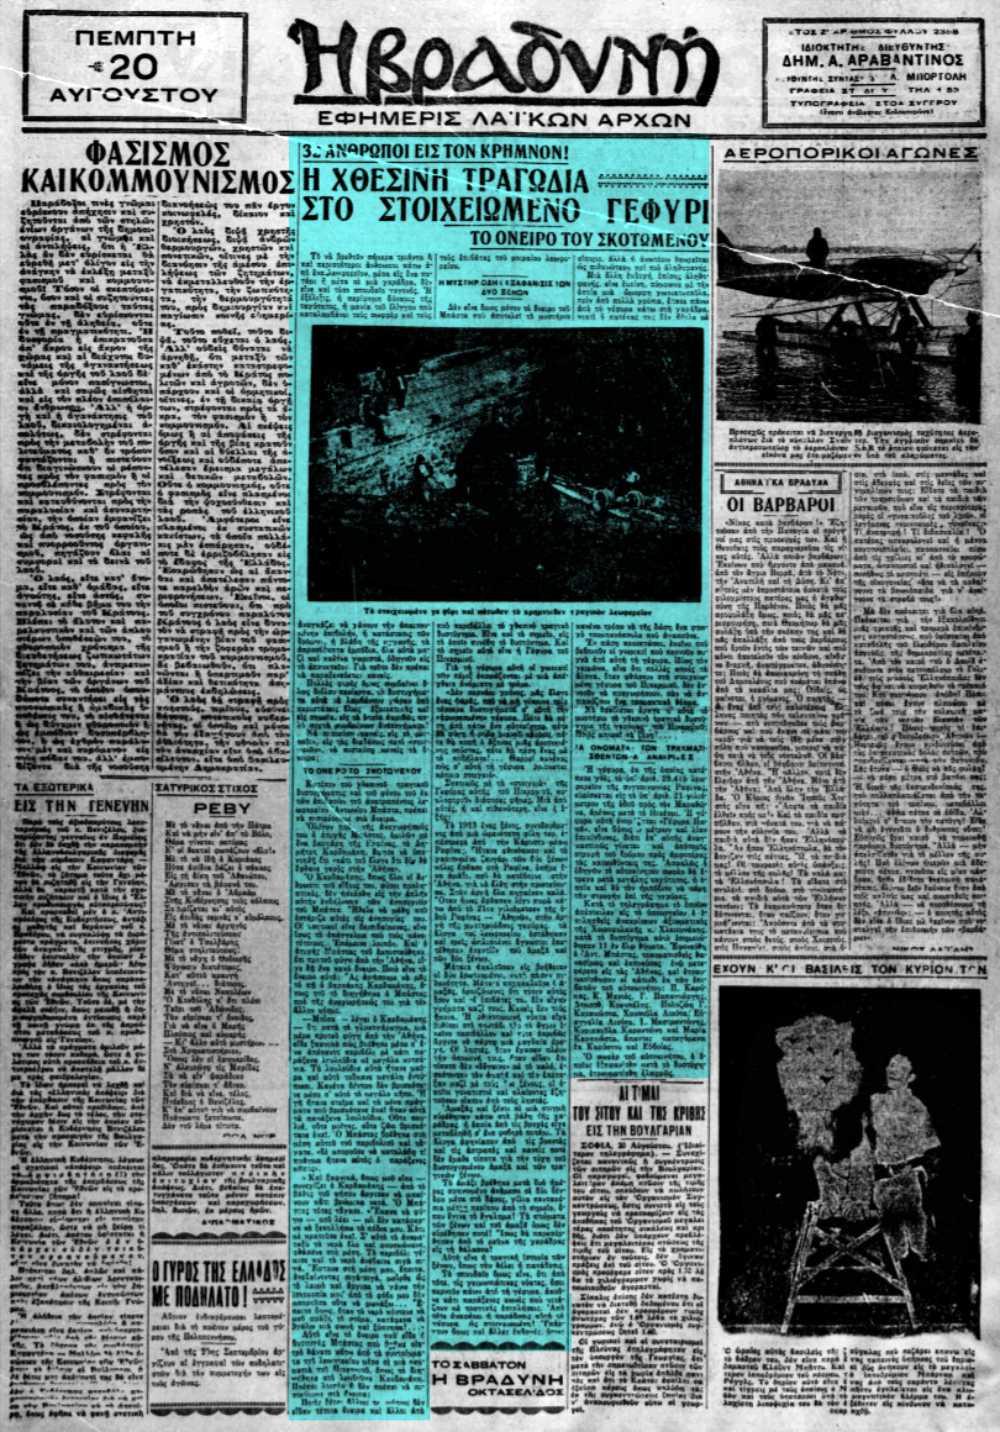 """Το άρθρο, όπως δημοσιεύθηκε στην εφημερίδα """"Η ΒΡΑΔΥΝΗ"""", στις 20/08/1931"""